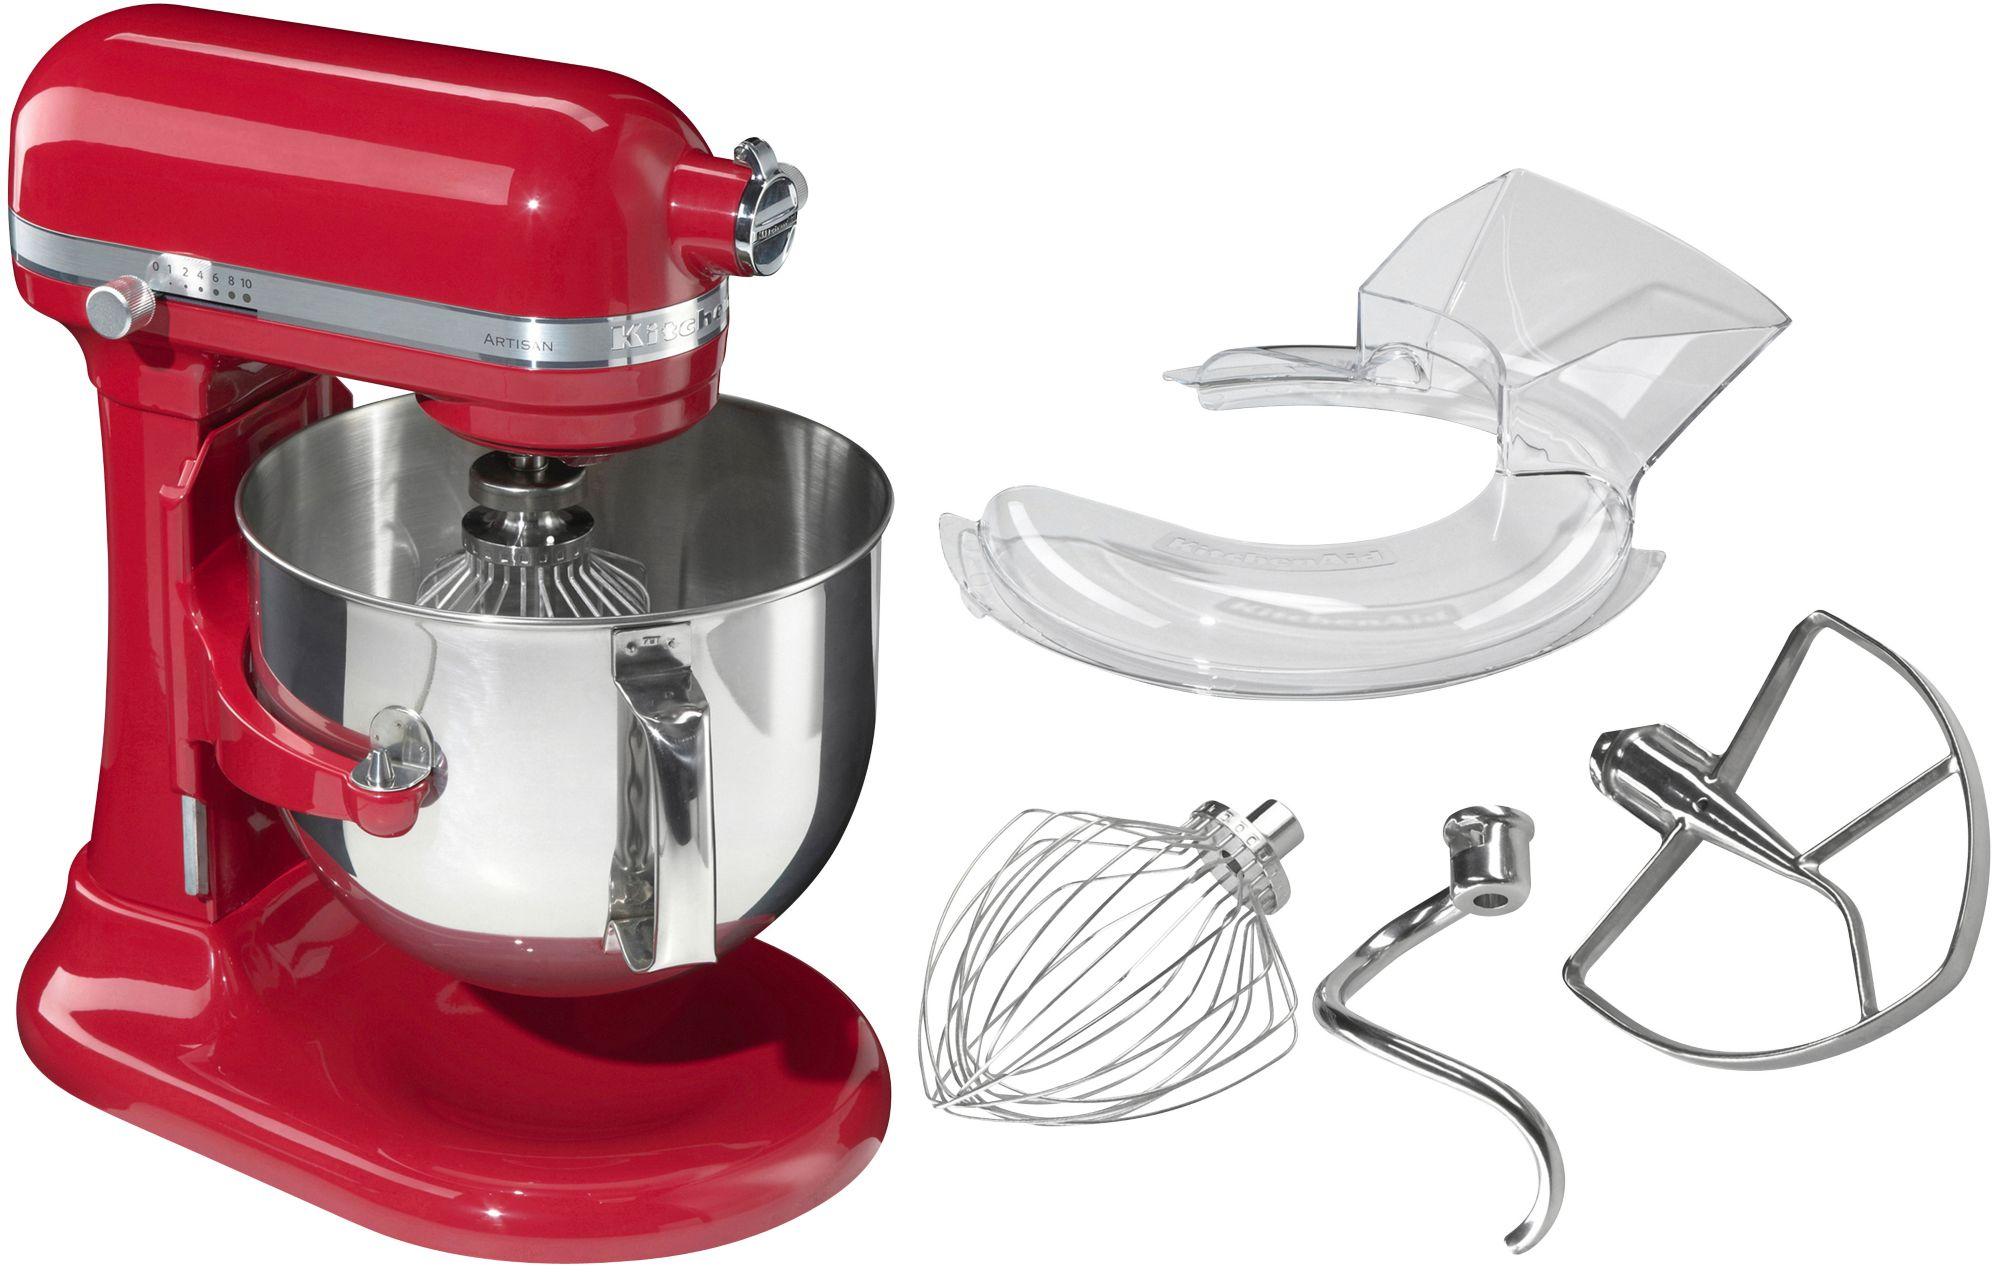 Smeg Kuchenmaschine Oder Kitchenaid Kitchenaid Spiralschneider